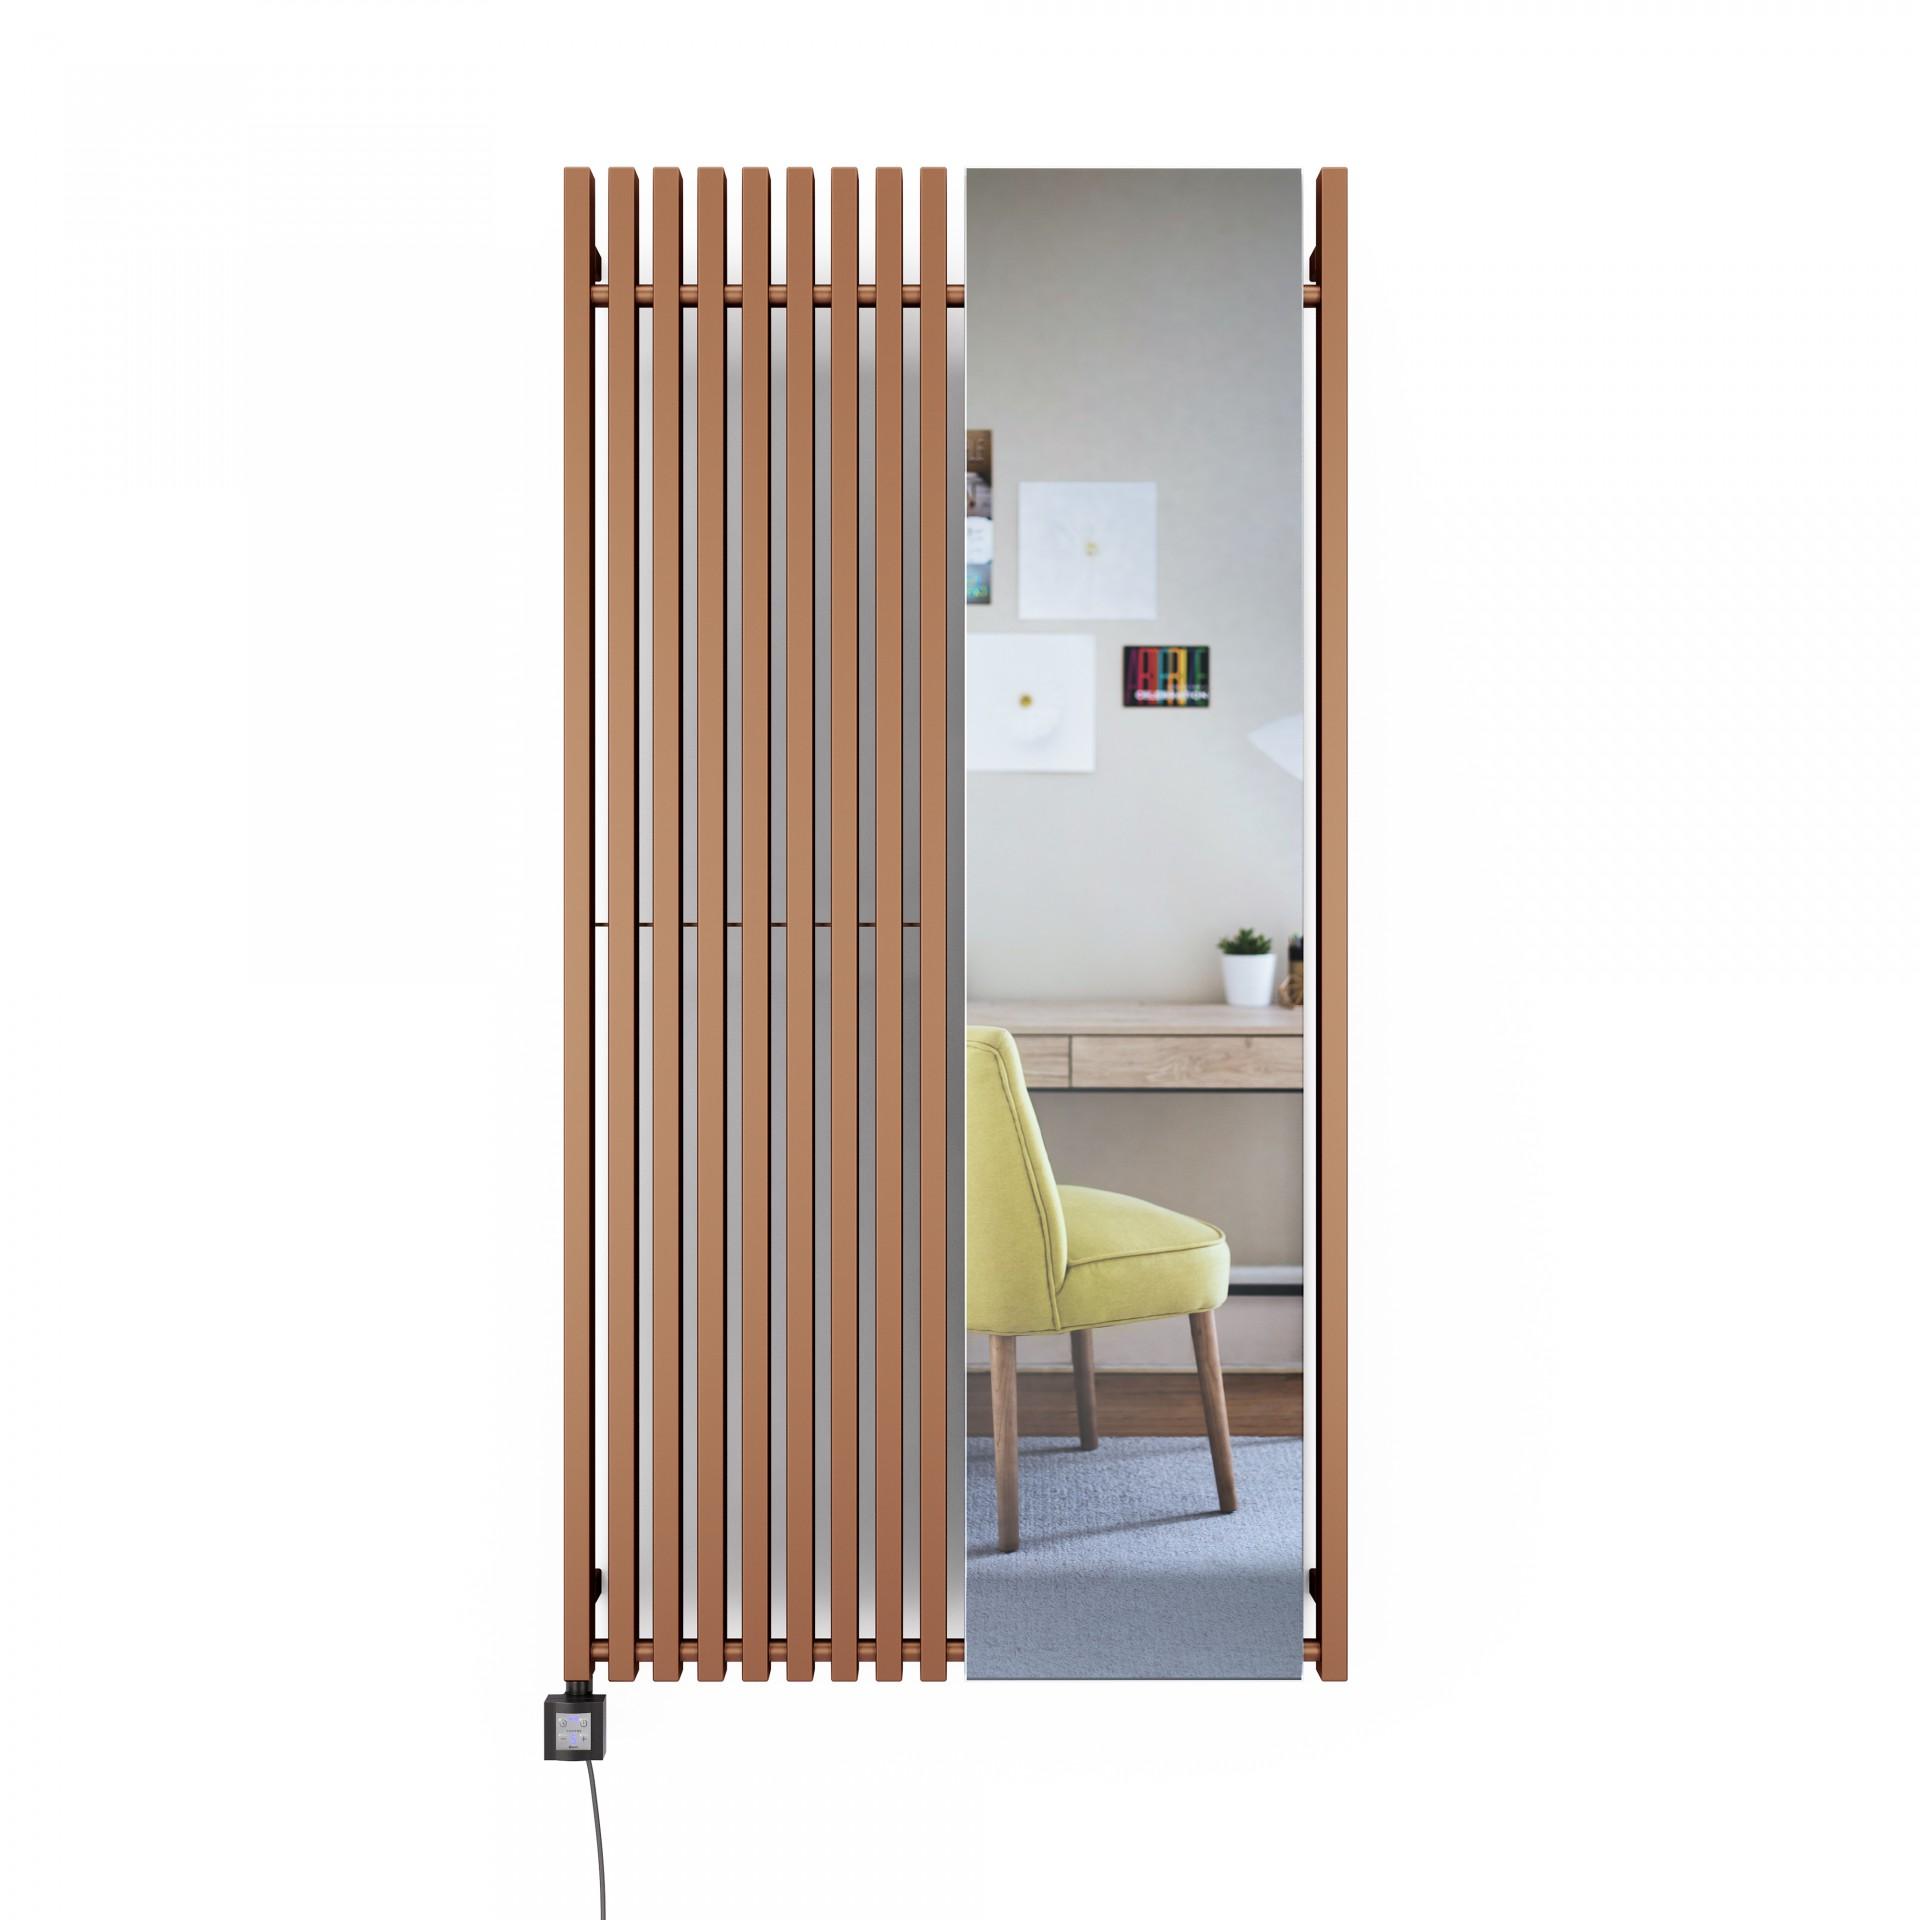 Colour: Copper